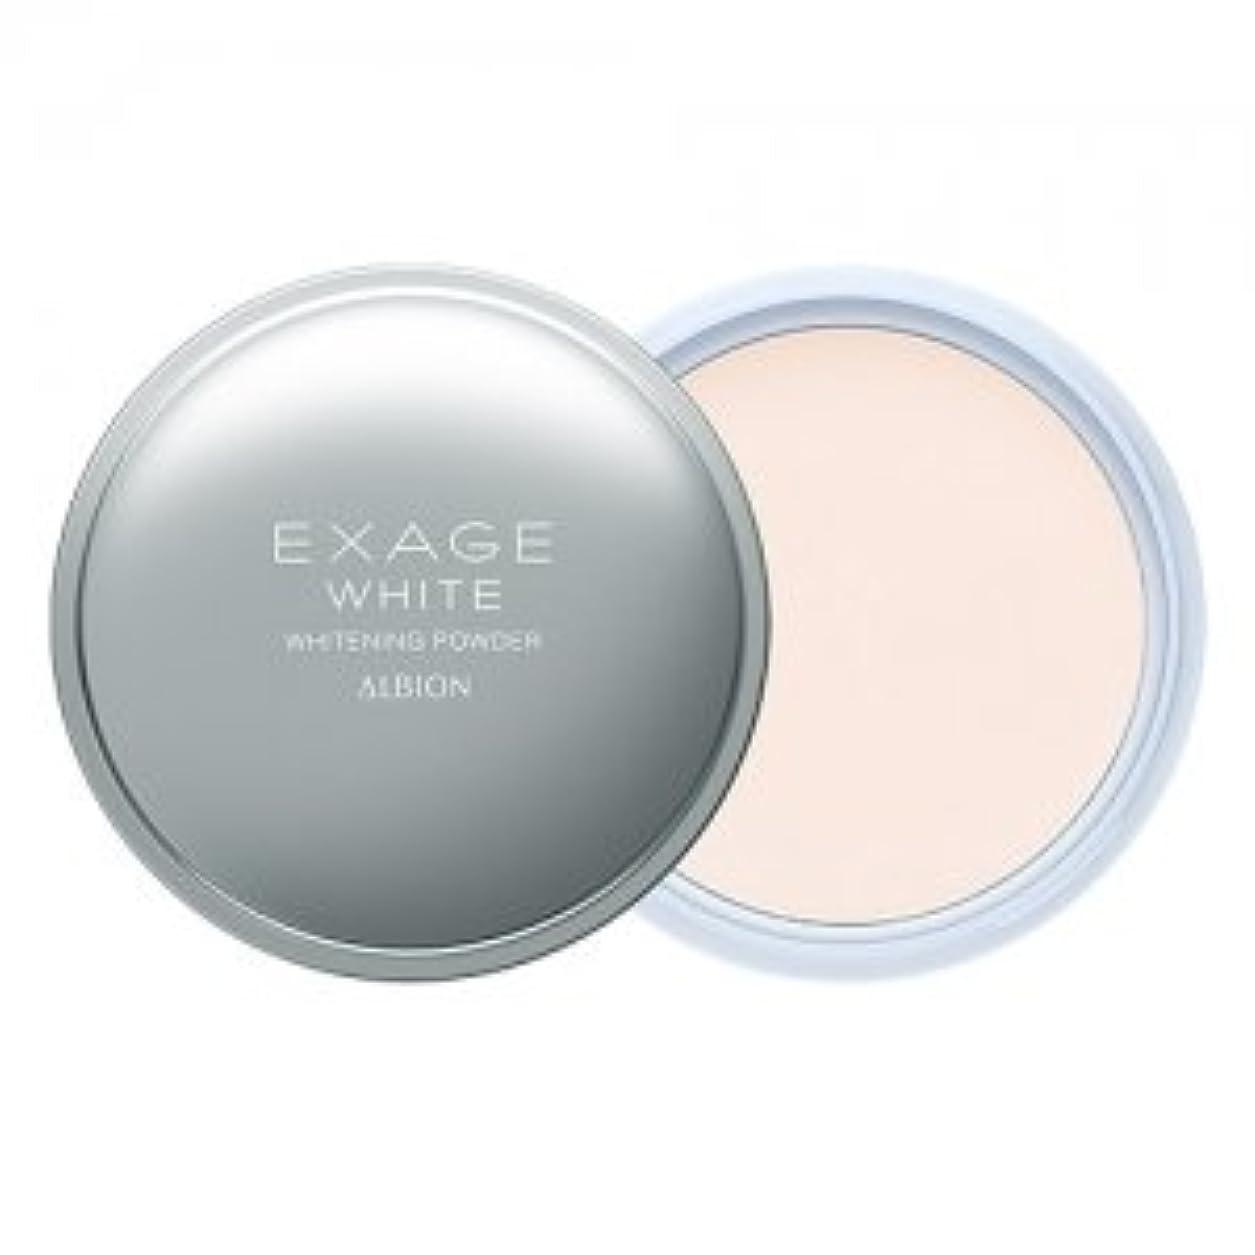 色ピジンブリークALBION (アルビオン) EXAGE WHITE エクサージュホワイト ホワイトニング パウダー 18g